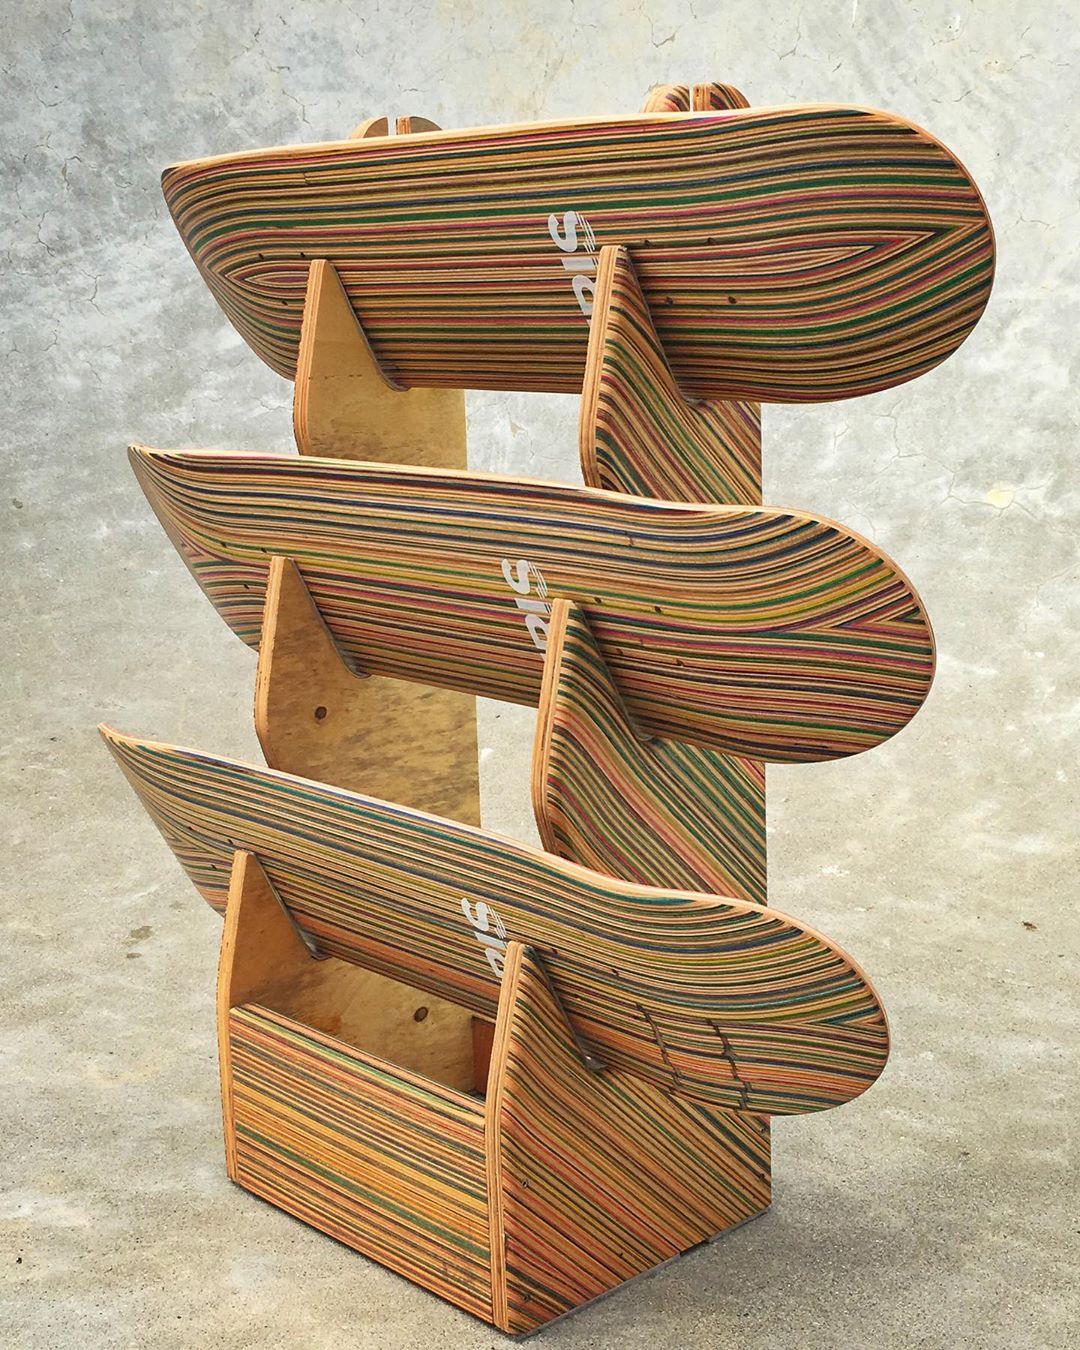 Recycled Decks By Iris Skateboards 6